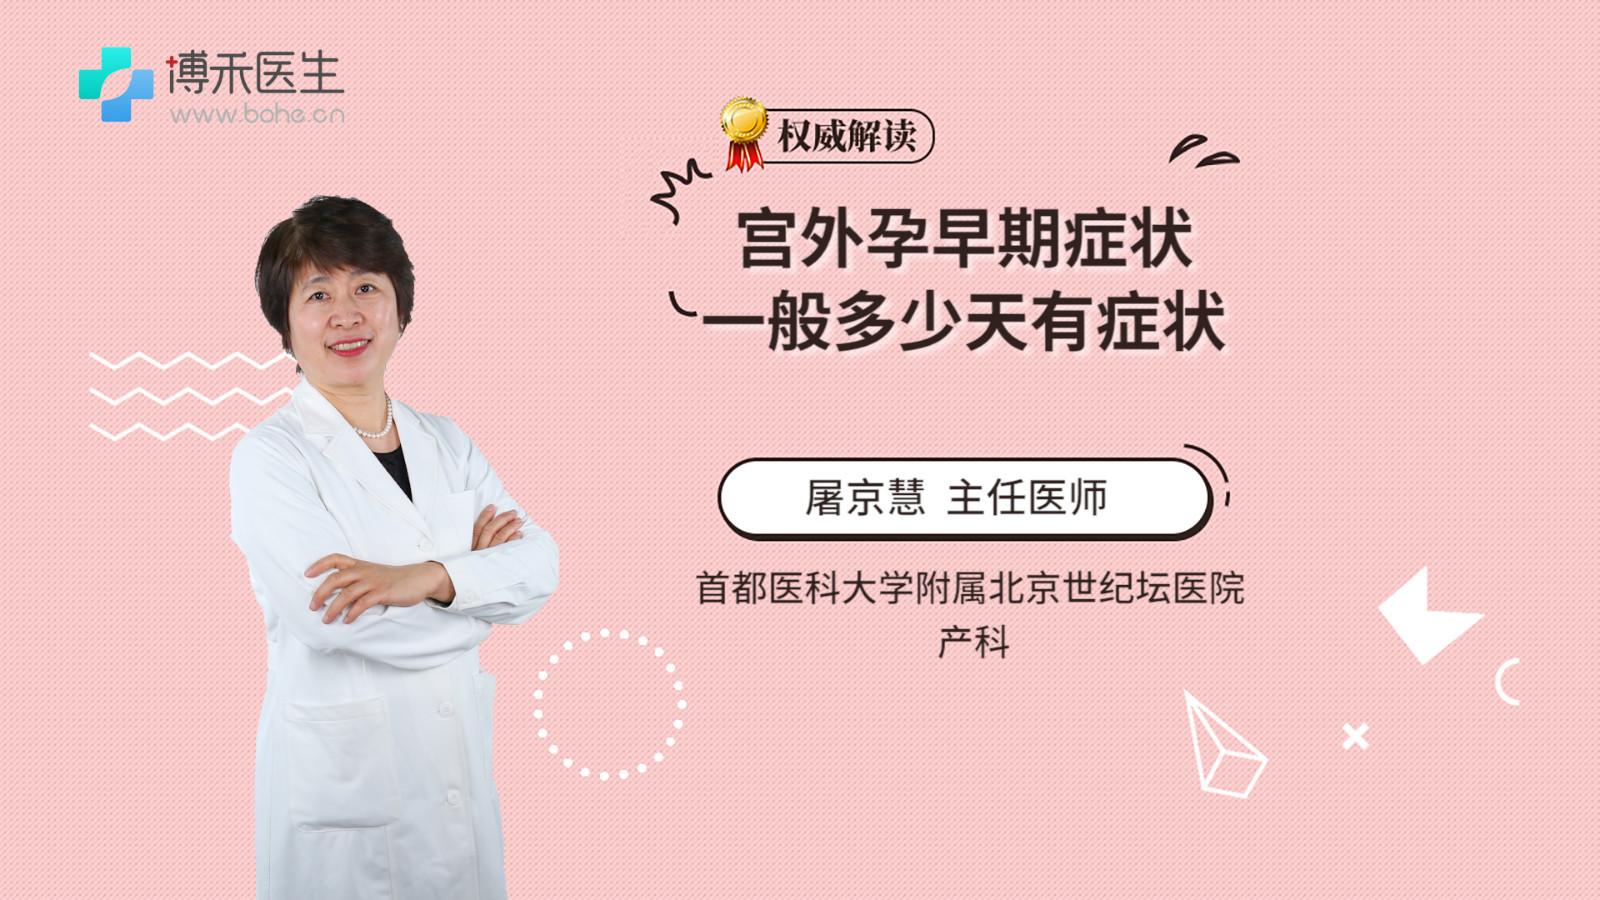 宮外孕早期癥狀一般多少天有癥狀